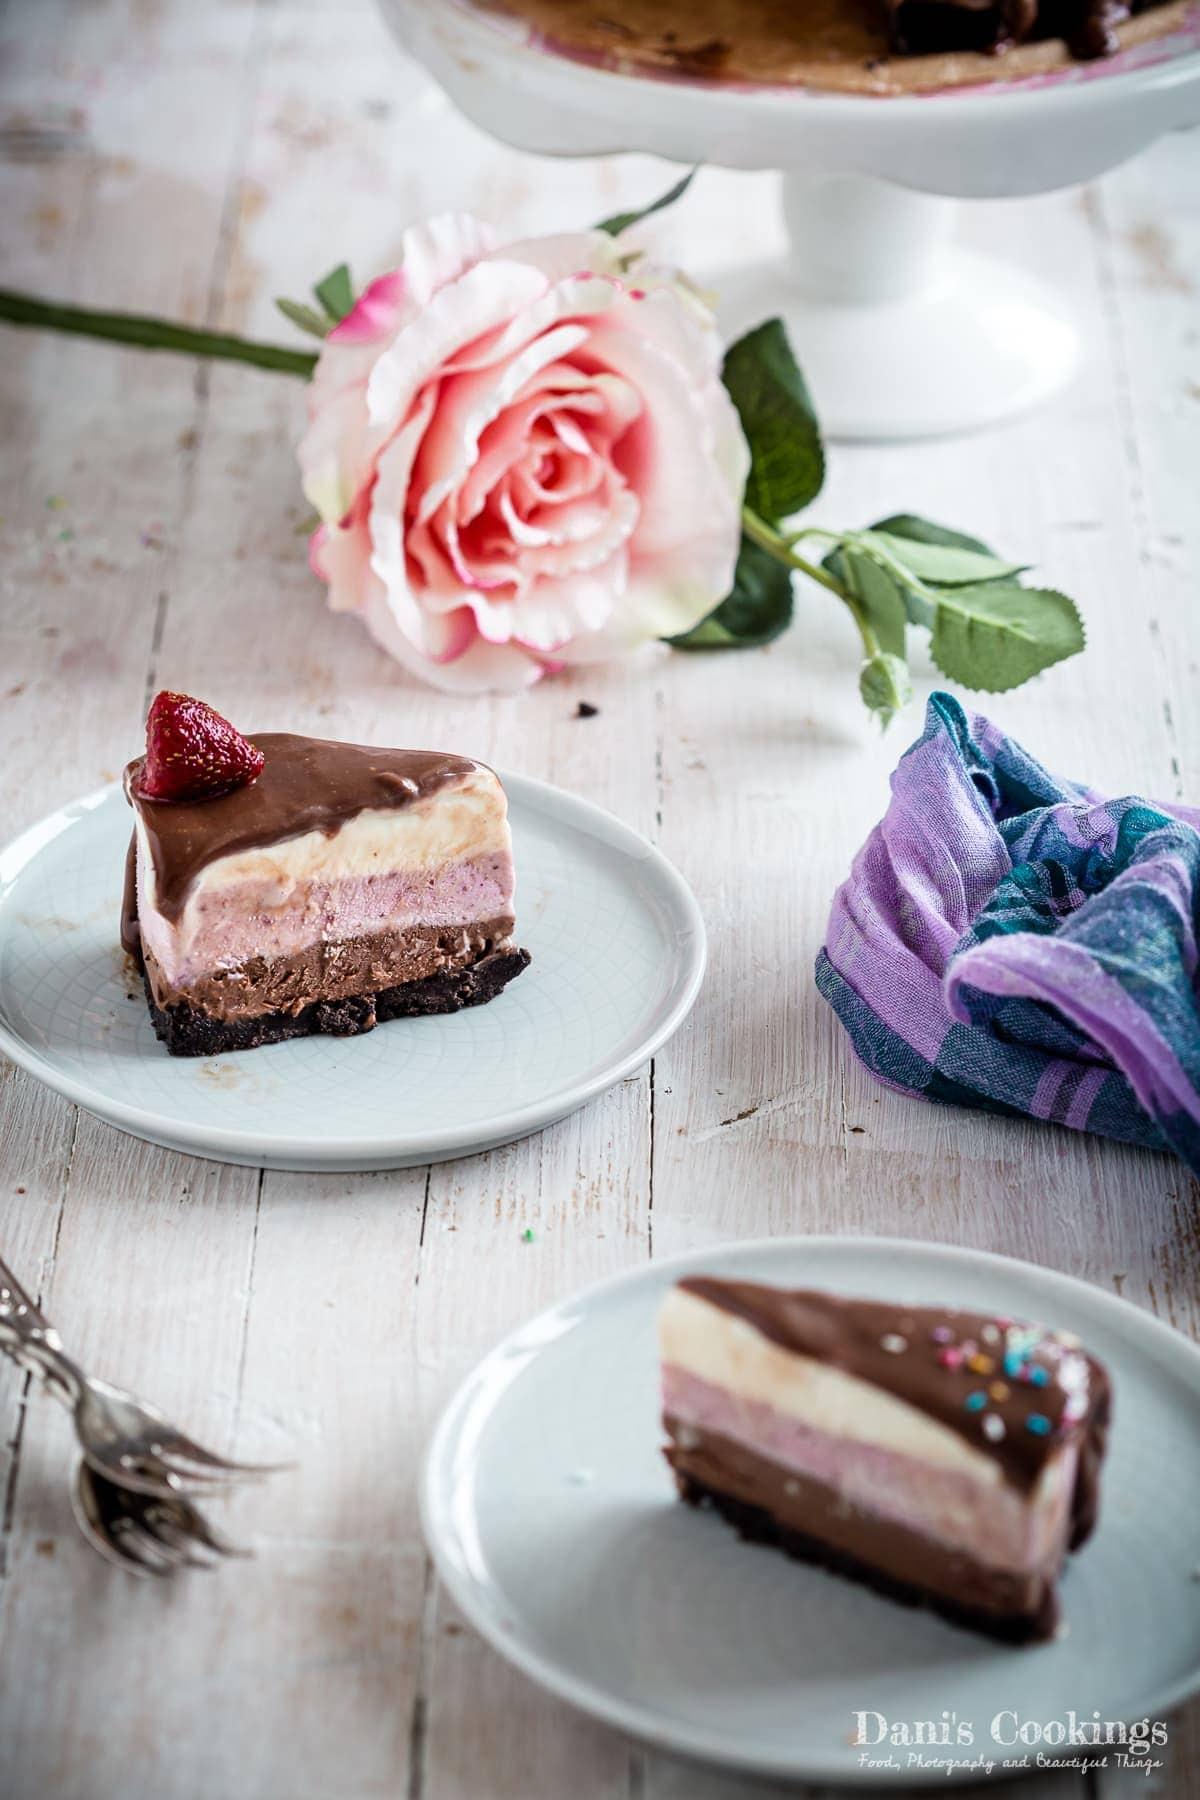 two slices of neapolitan ice cream cake